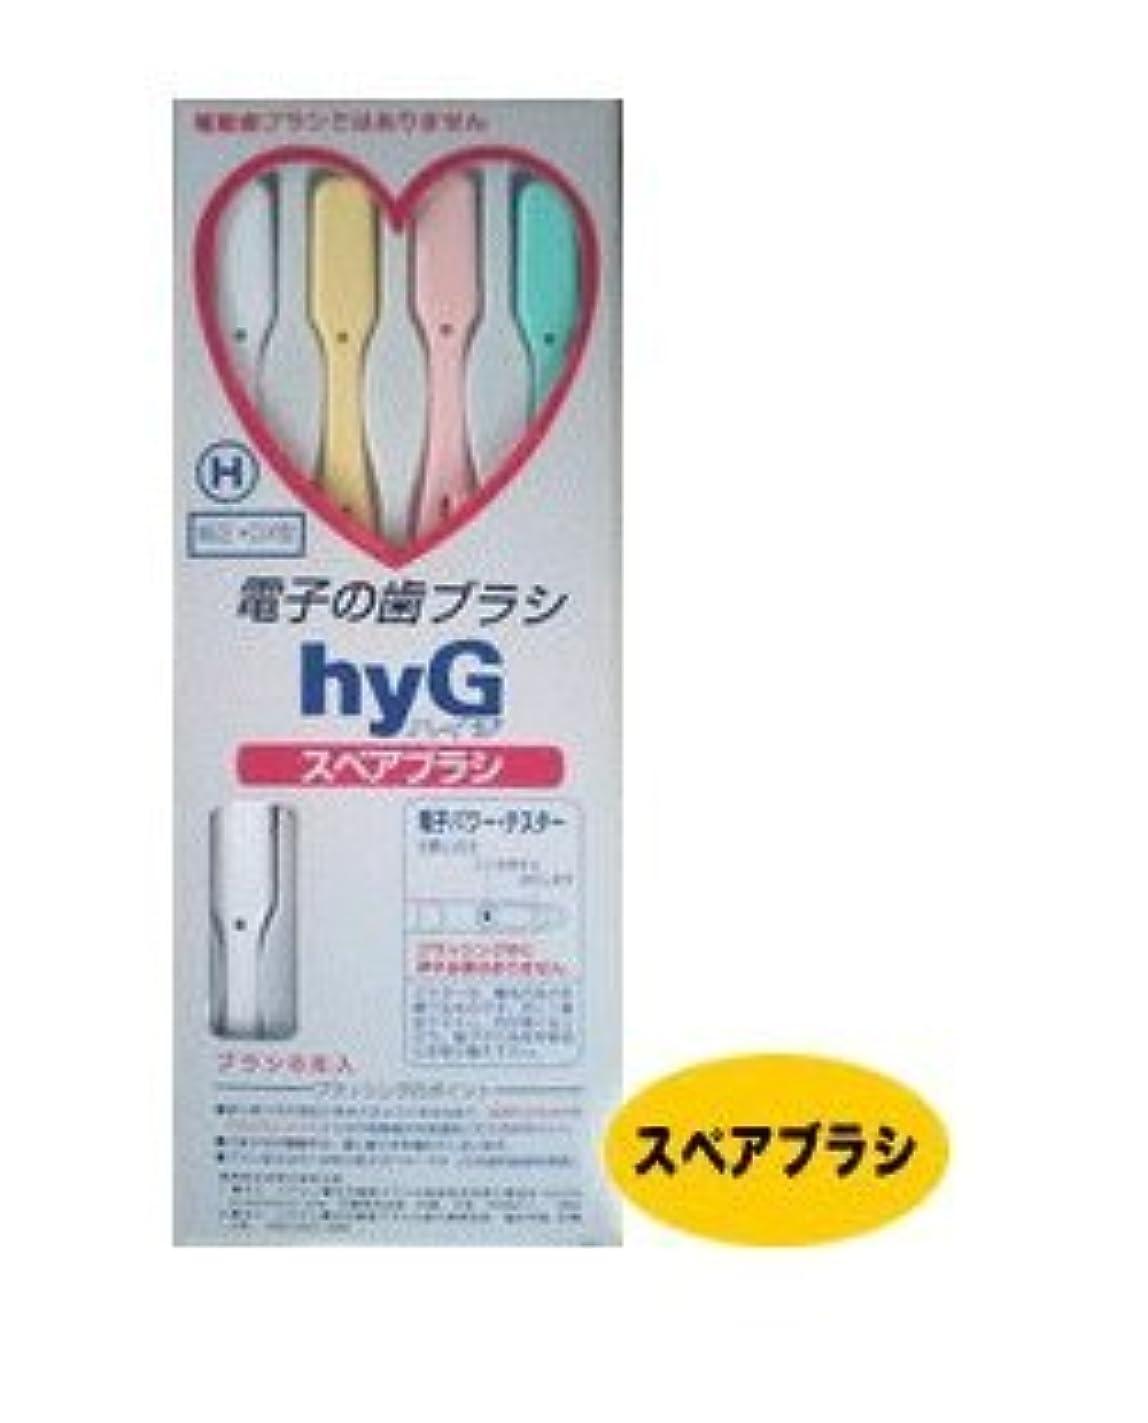 カートうがい薬ボトルネック電子の歯ブラシ ハイジ(hyG) スペアブラシ H(ハード) 【純正?DX型】